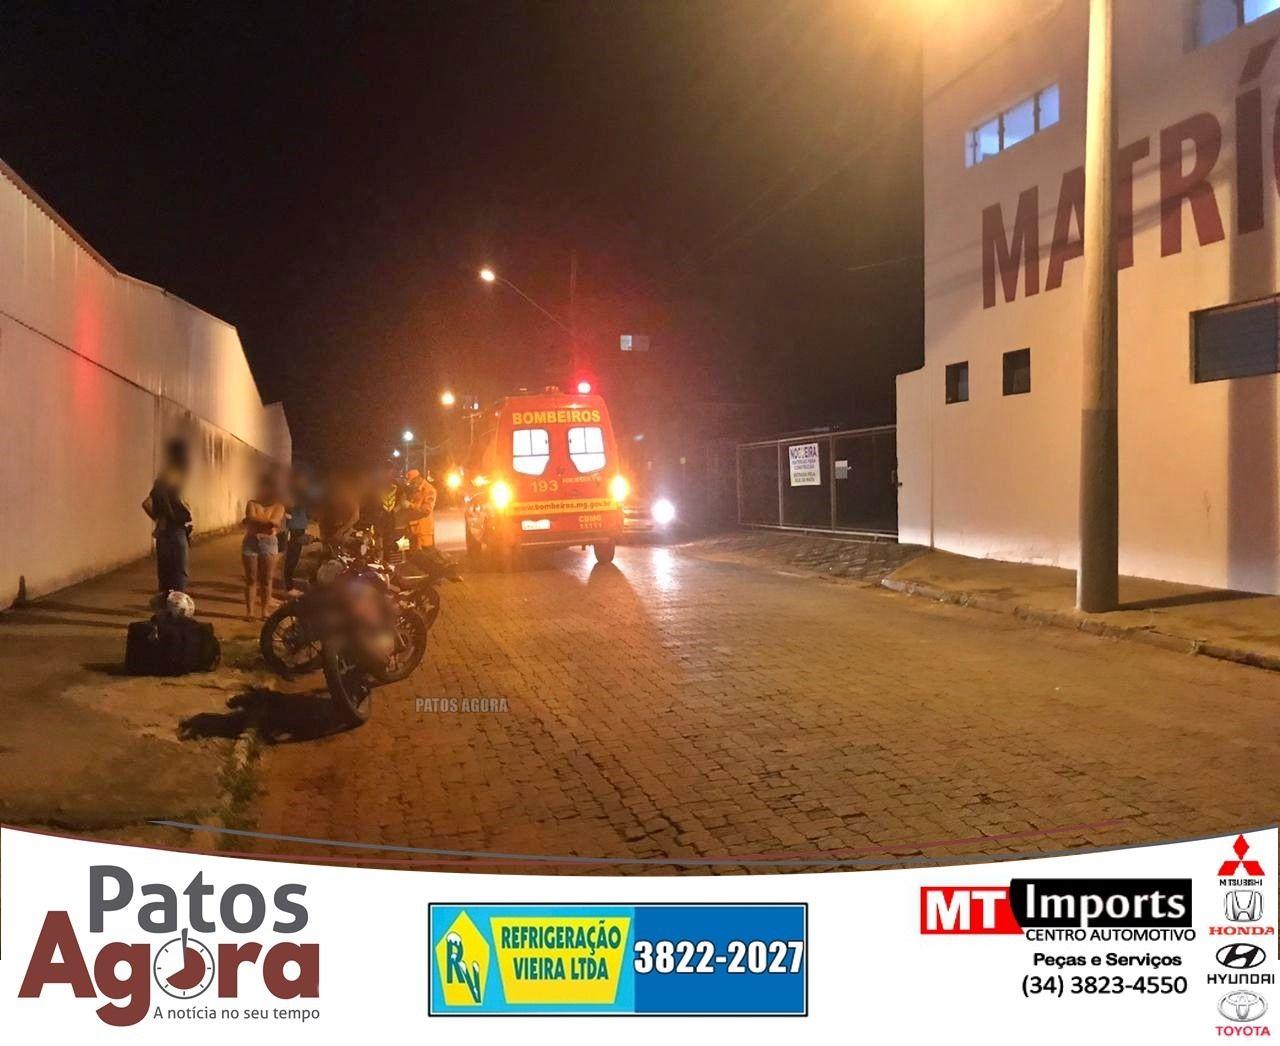 Criança de 6 anos atravessa rua e é atropelada em Patos de Minas